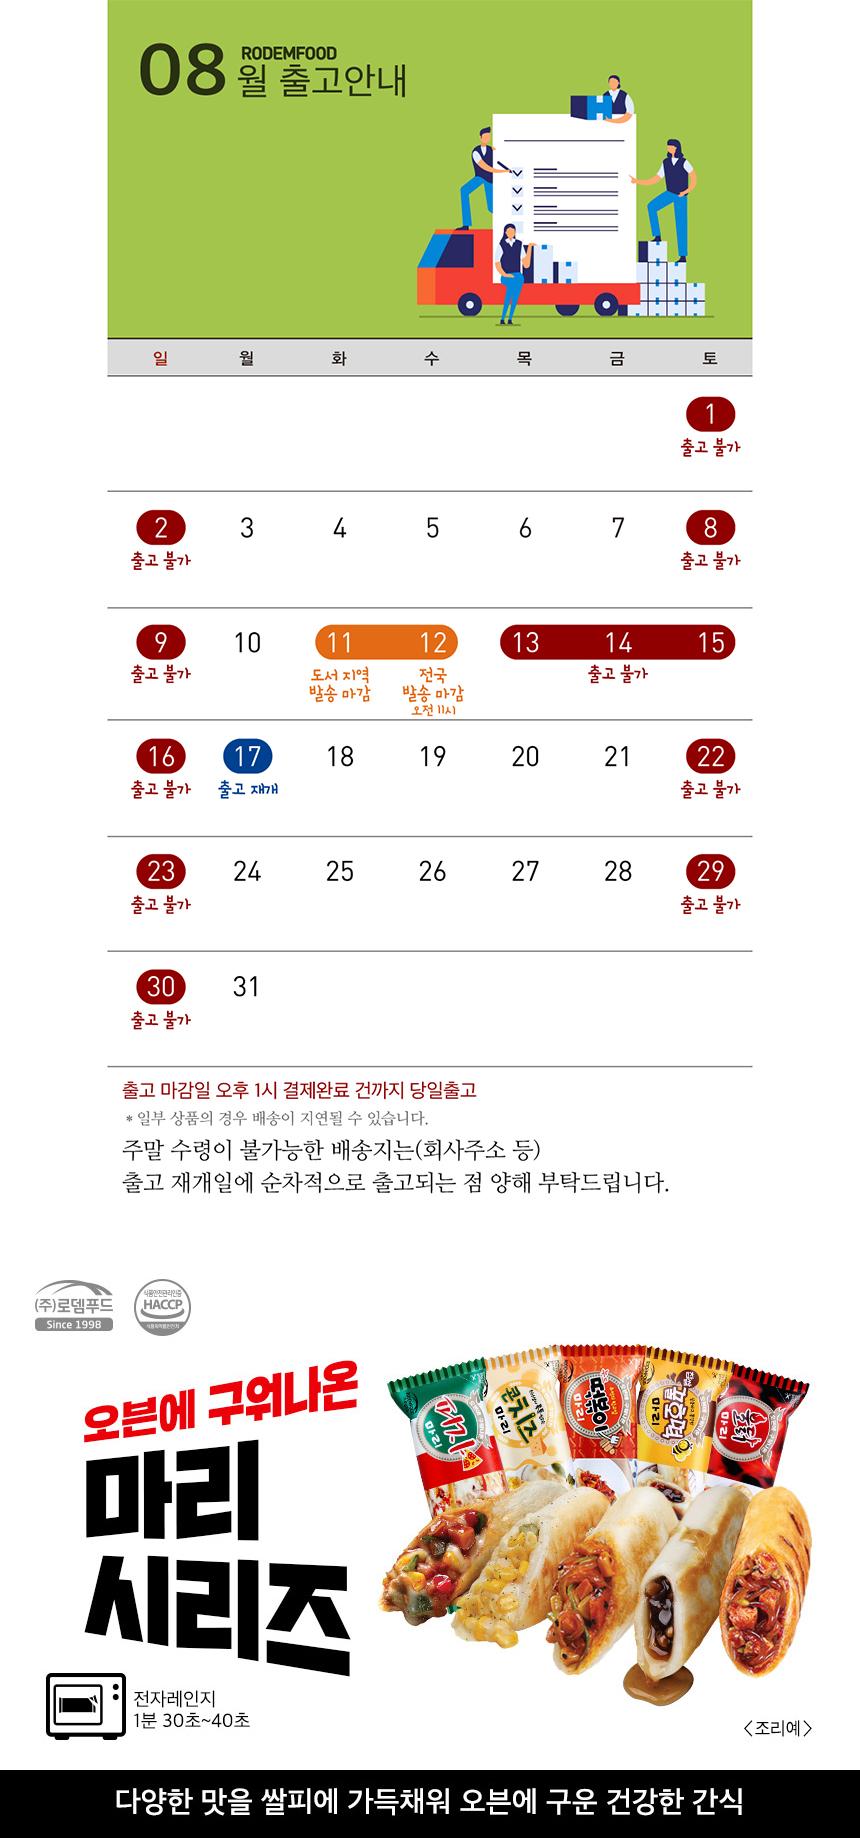 로뎀푸드 쇼핑몰 - 소개